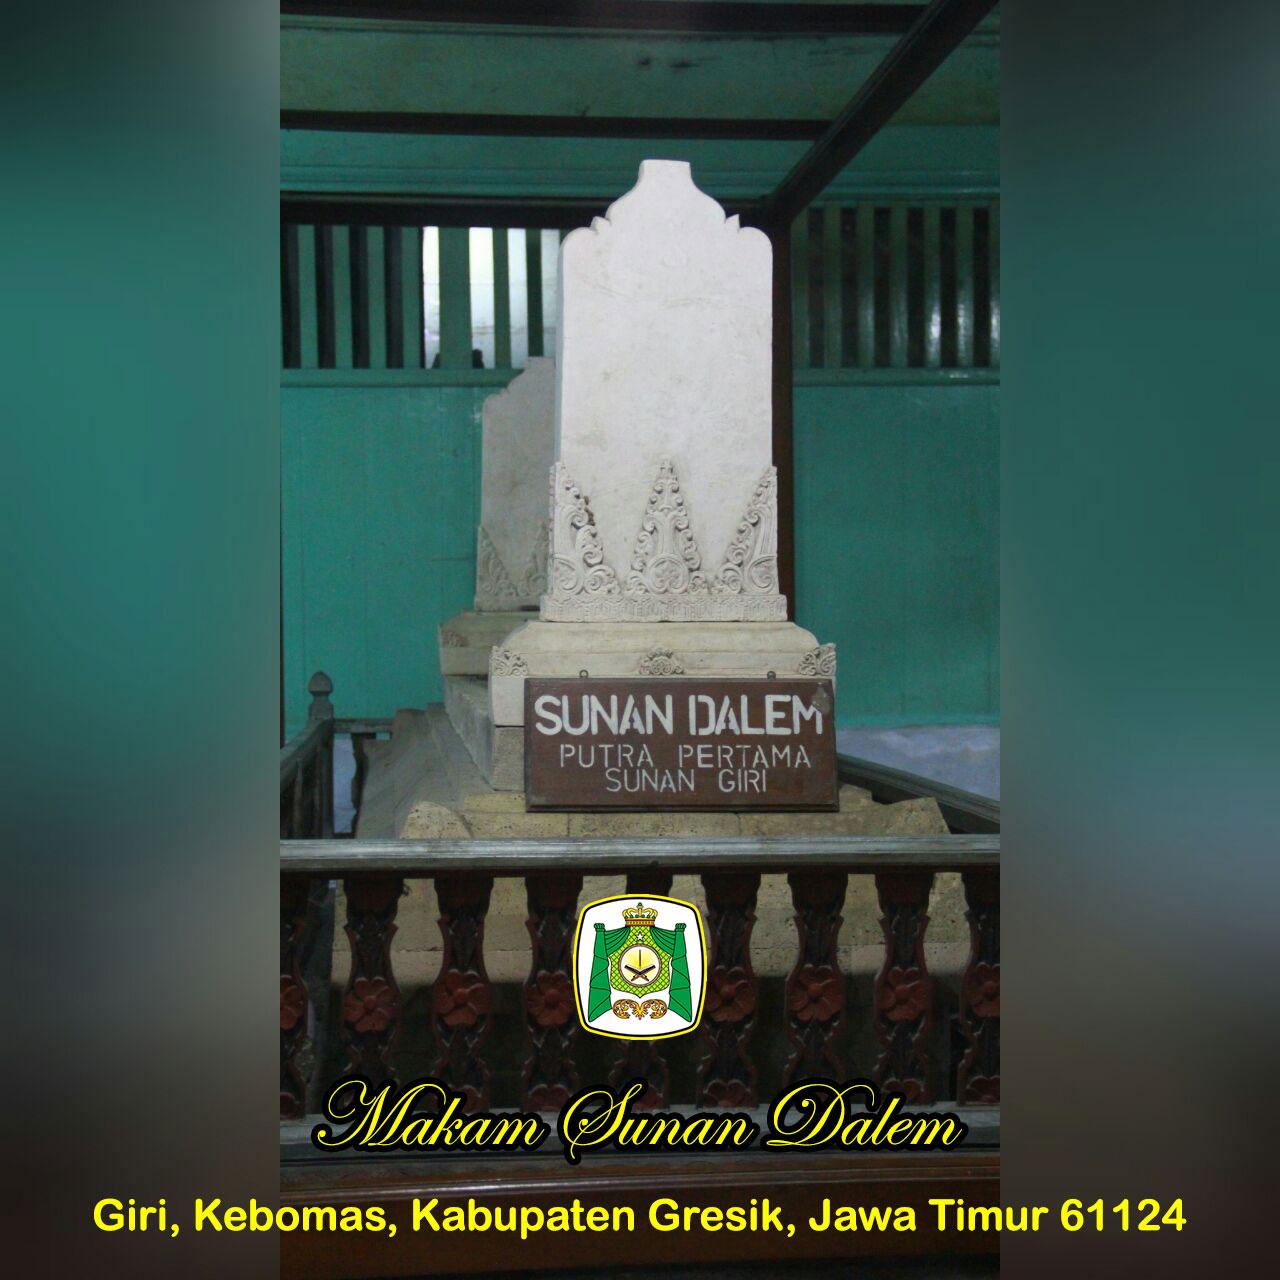 Sunan Giri Raden Paku Ainul Yaqin Almunawwarah Trans Dalem Putra